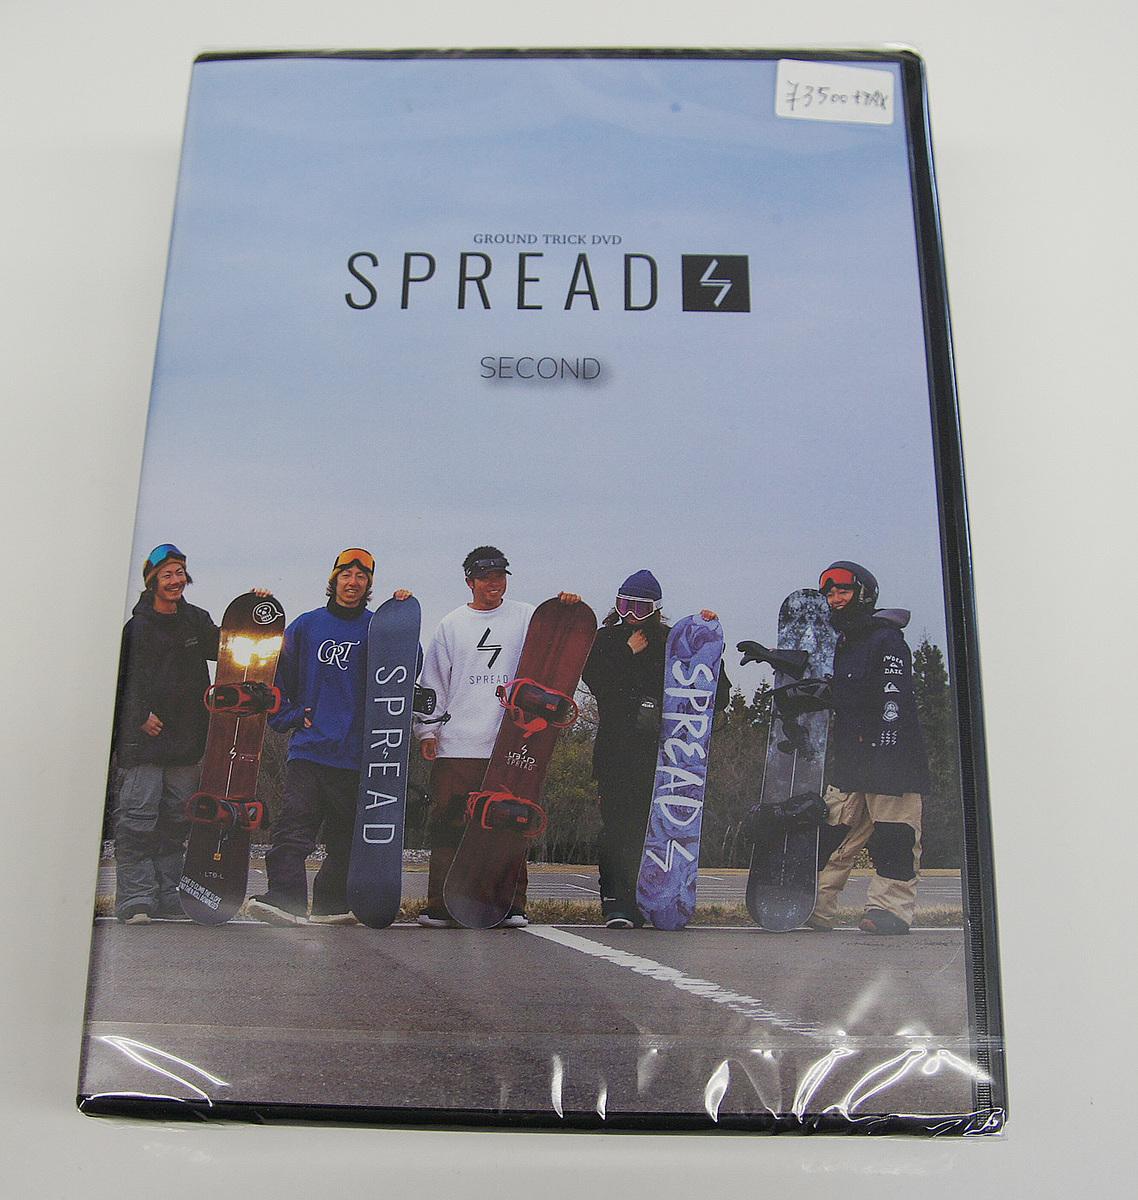 今期で2年目になるSPREADチームのグラトリ 新登場 見て勉強しましょう SPREAD groun trick dvd スノーボード SECOND グラトリ 19-20 バースデー 記念日 ギフト 贈物 お勧め 通販 キッカー 送料込